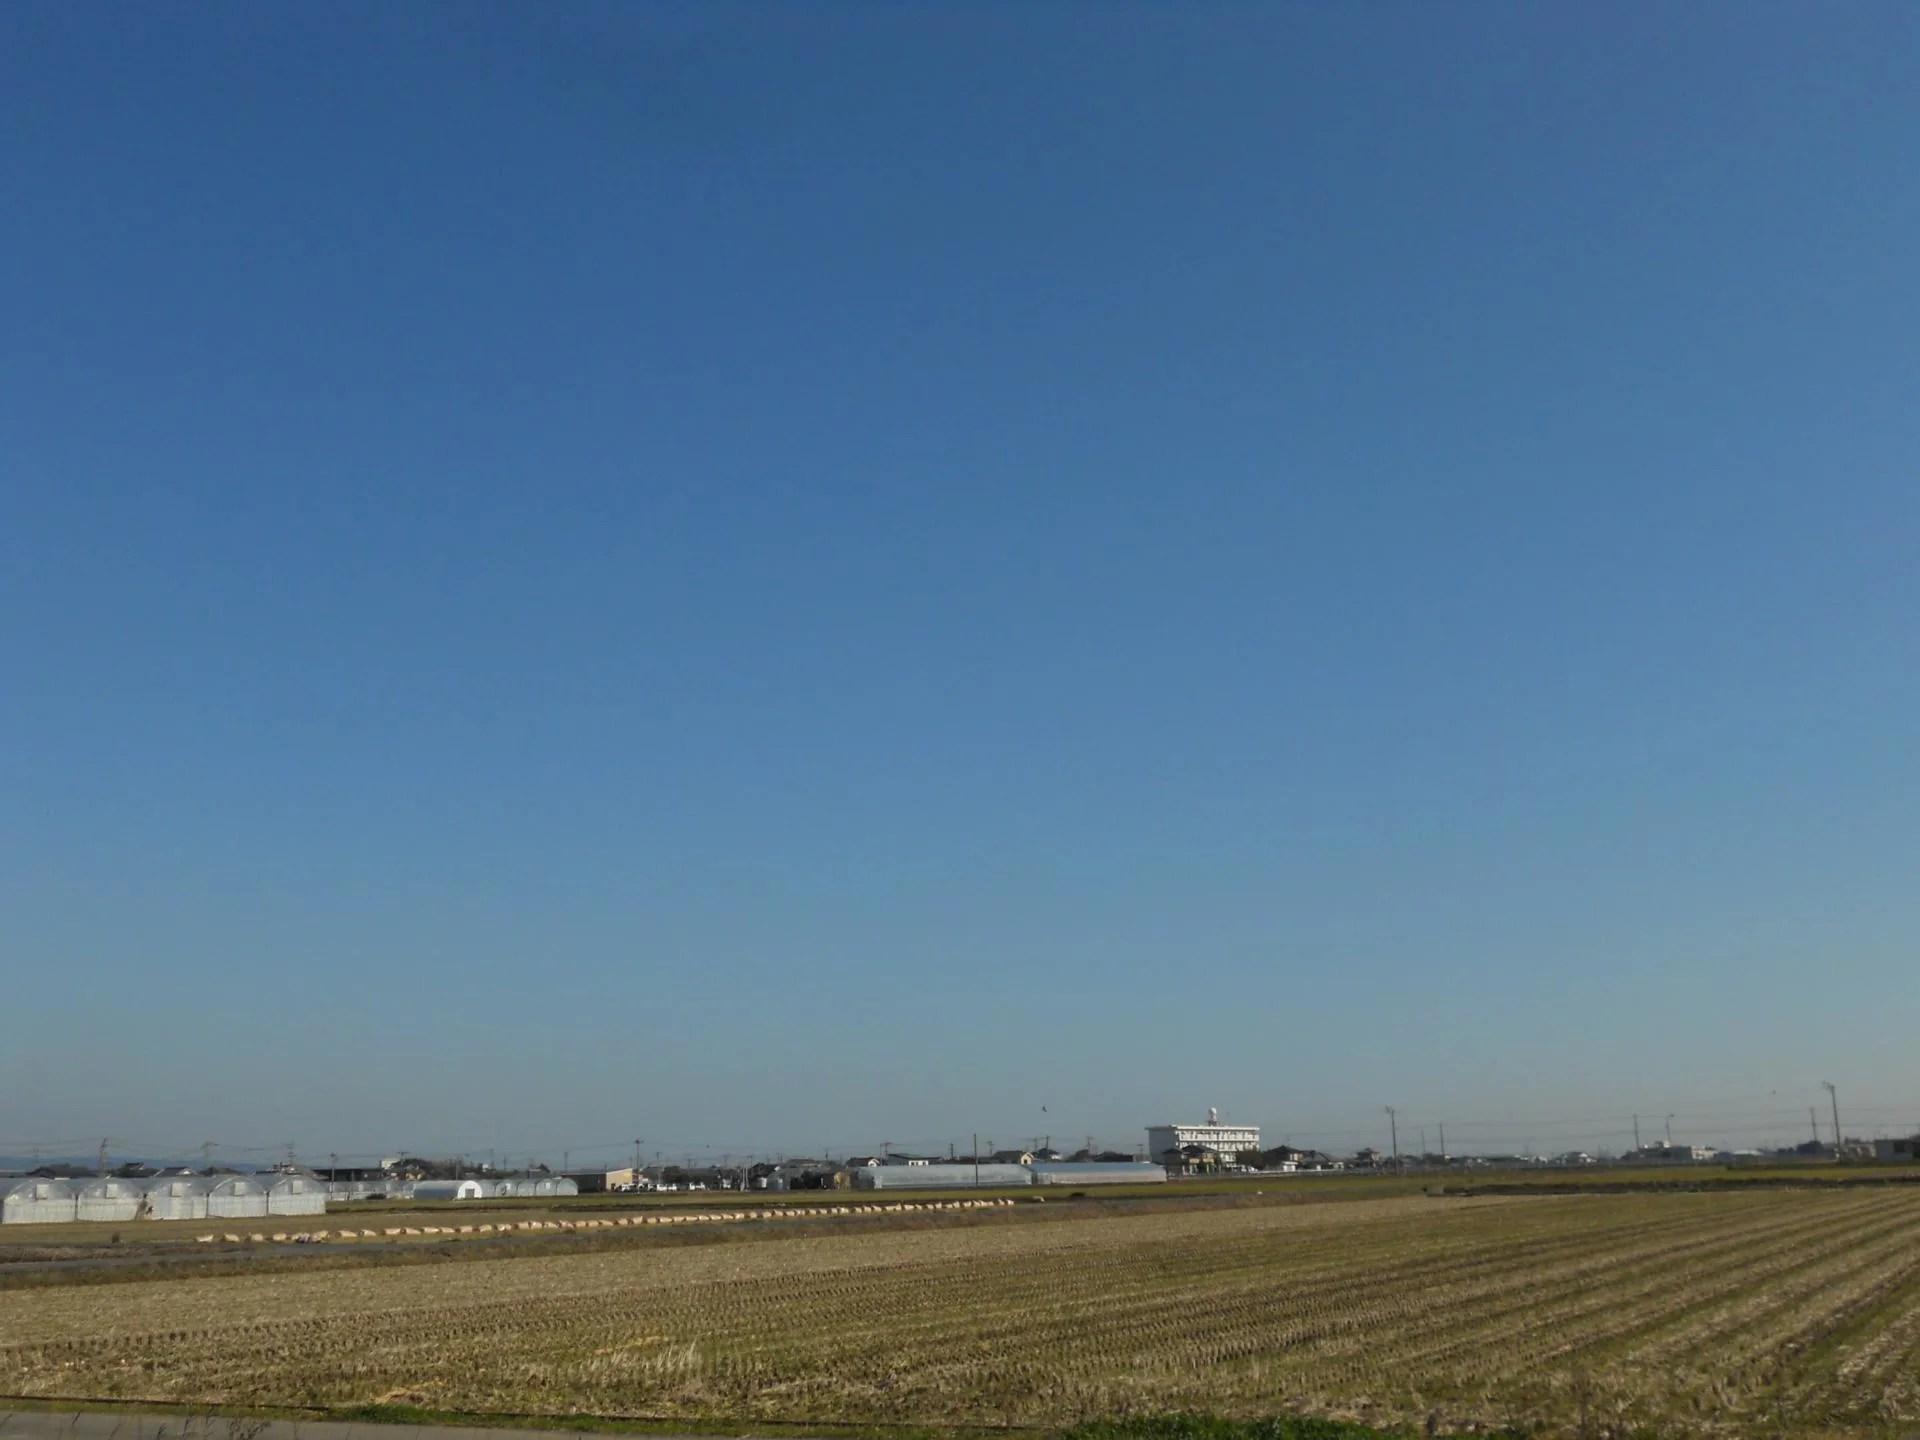 冬の青い空・・・・・無限に広がる青の世界 - 夢から慈しみの世界へ